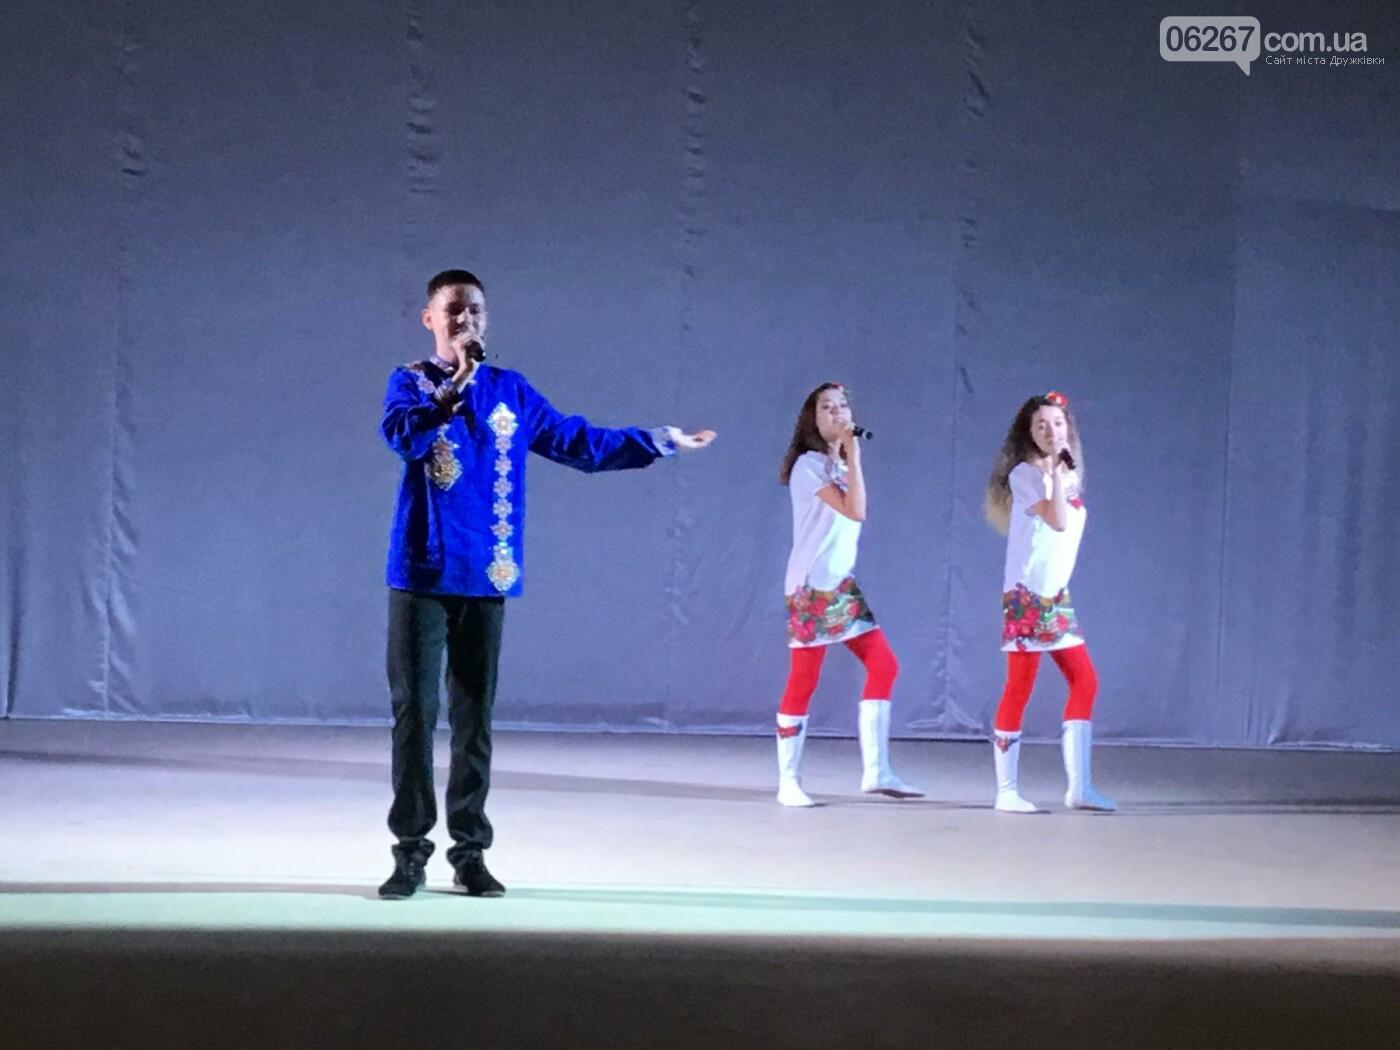 В Дружковке на День Независимости выступили местные артисты (ВИДЕО), фото-2